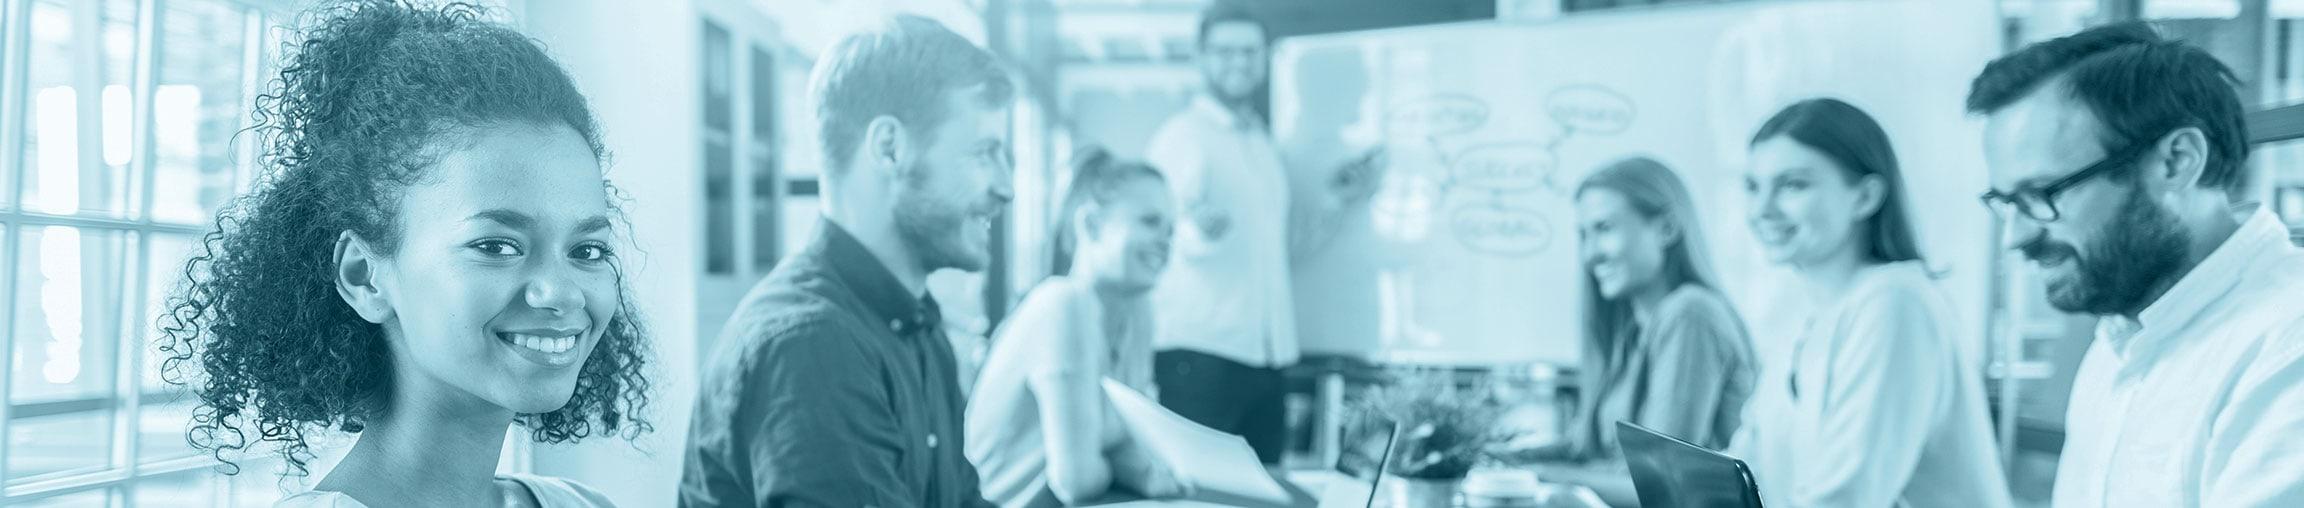 Teilnehmer an einem Software-Training, wie es im Rahmen der Shareflex-Schulungen angeboten wird